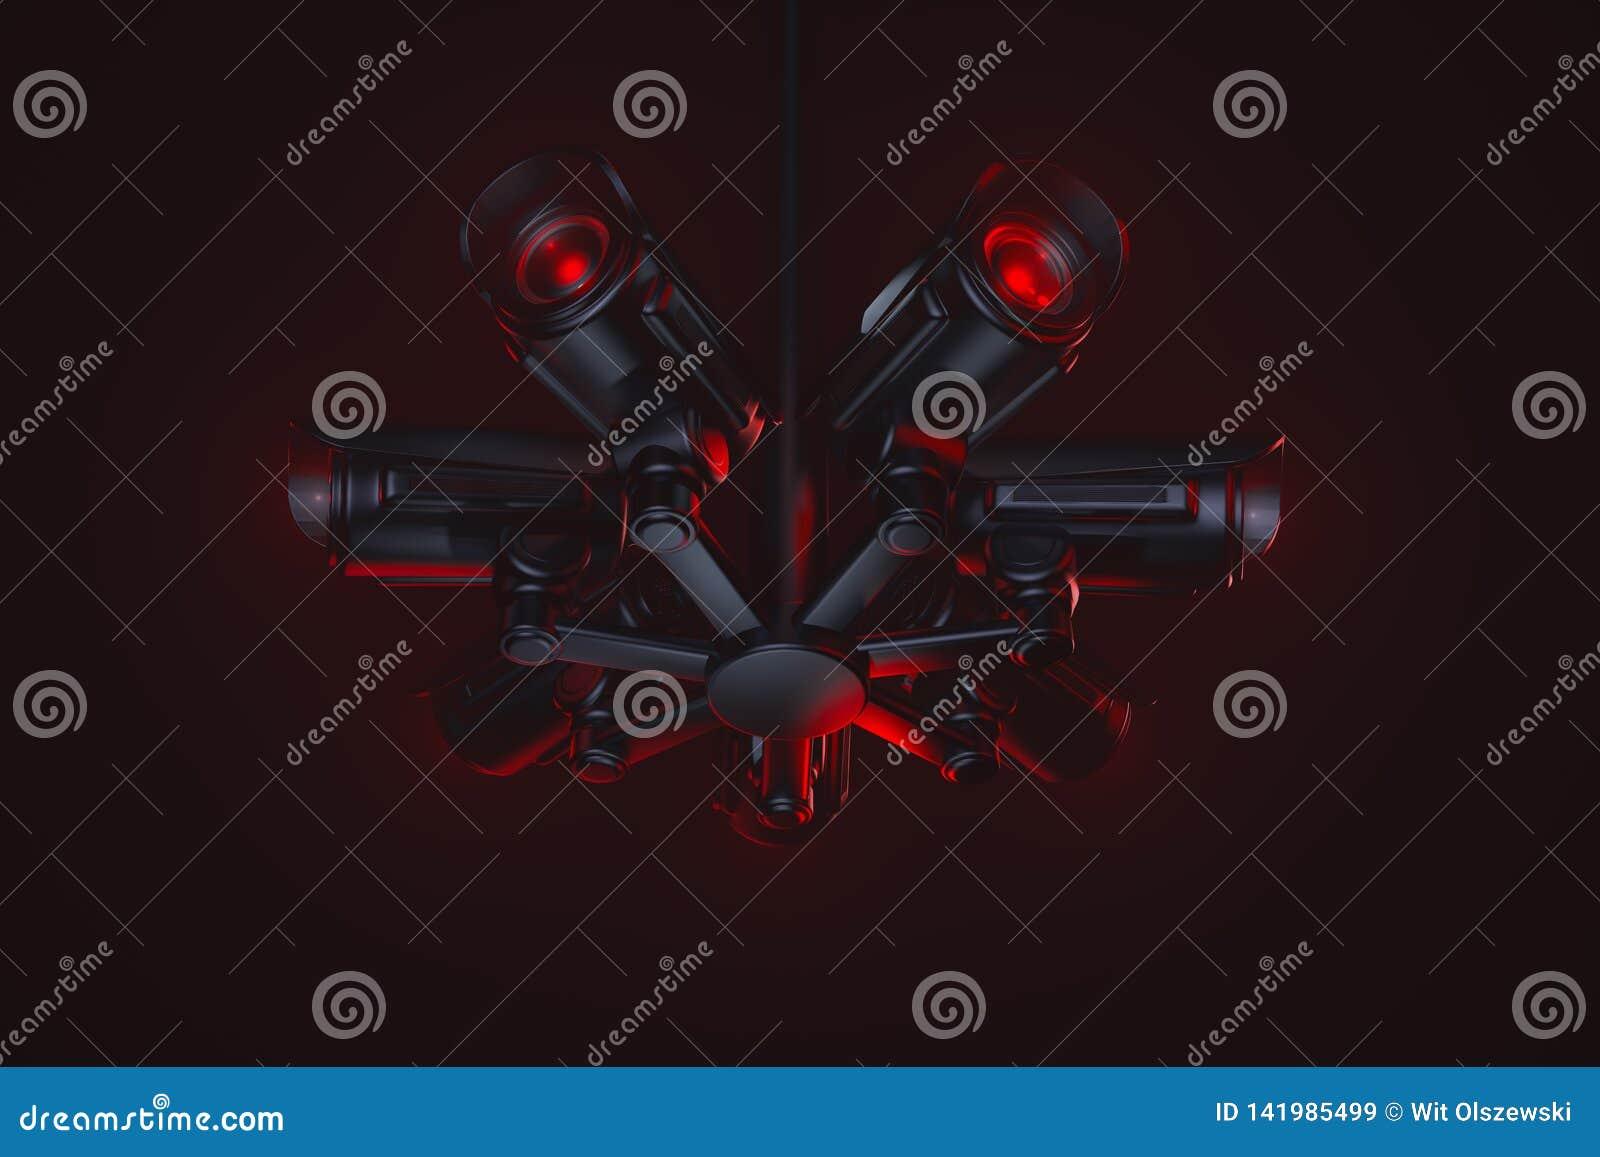 敌对看起来的录音设备插孔  在AI人工智能下控制的社会  服从,缴纳税,再生产或者